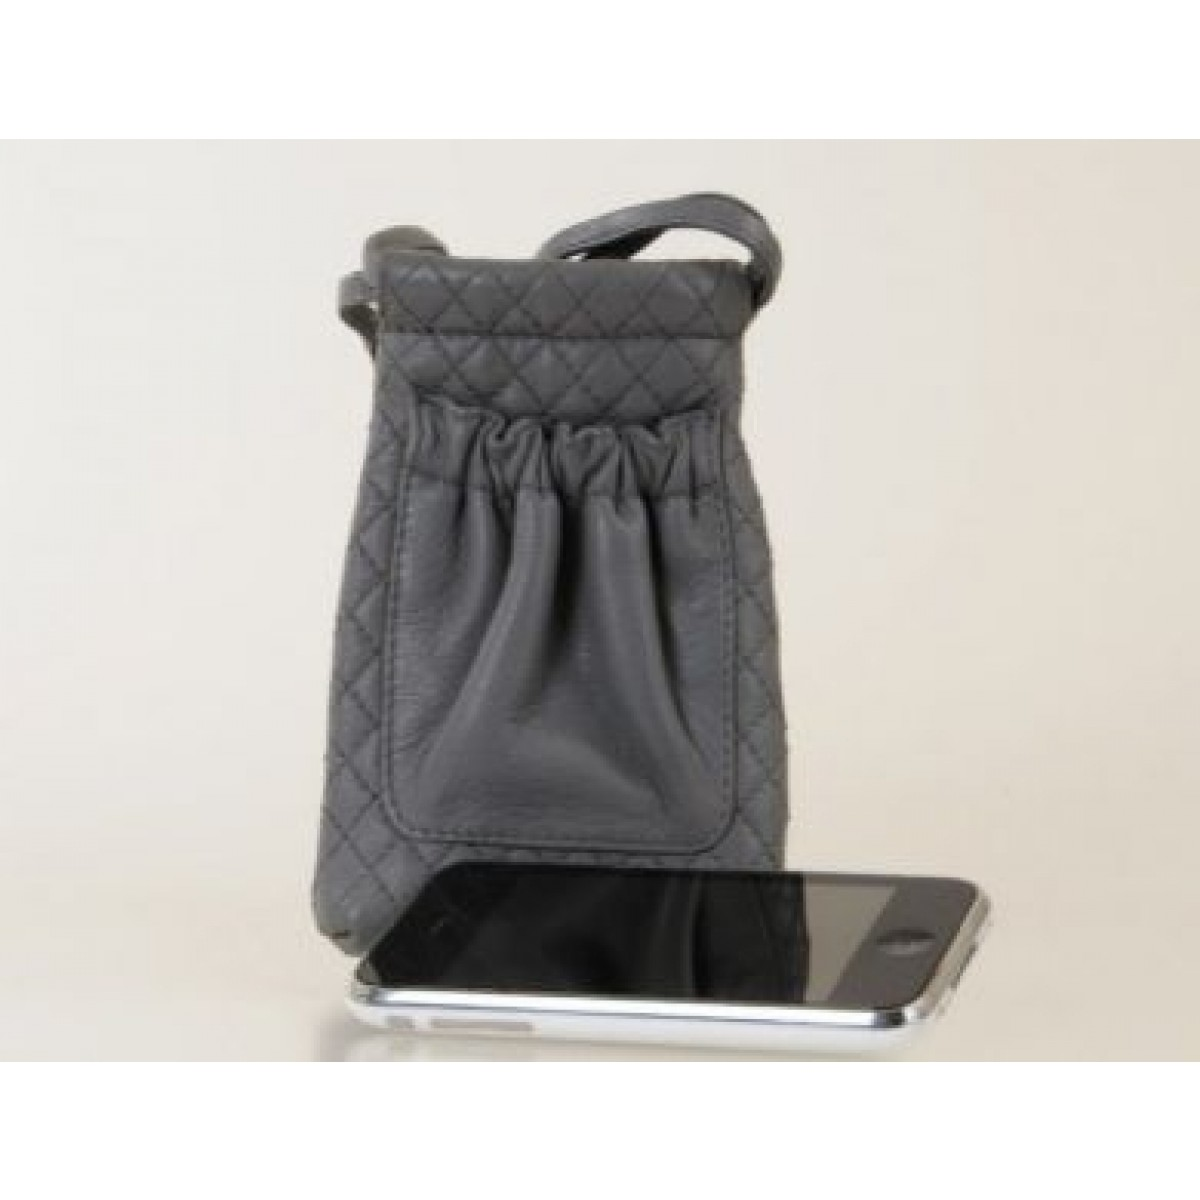 Mobil taske med kvilteeffekt-31